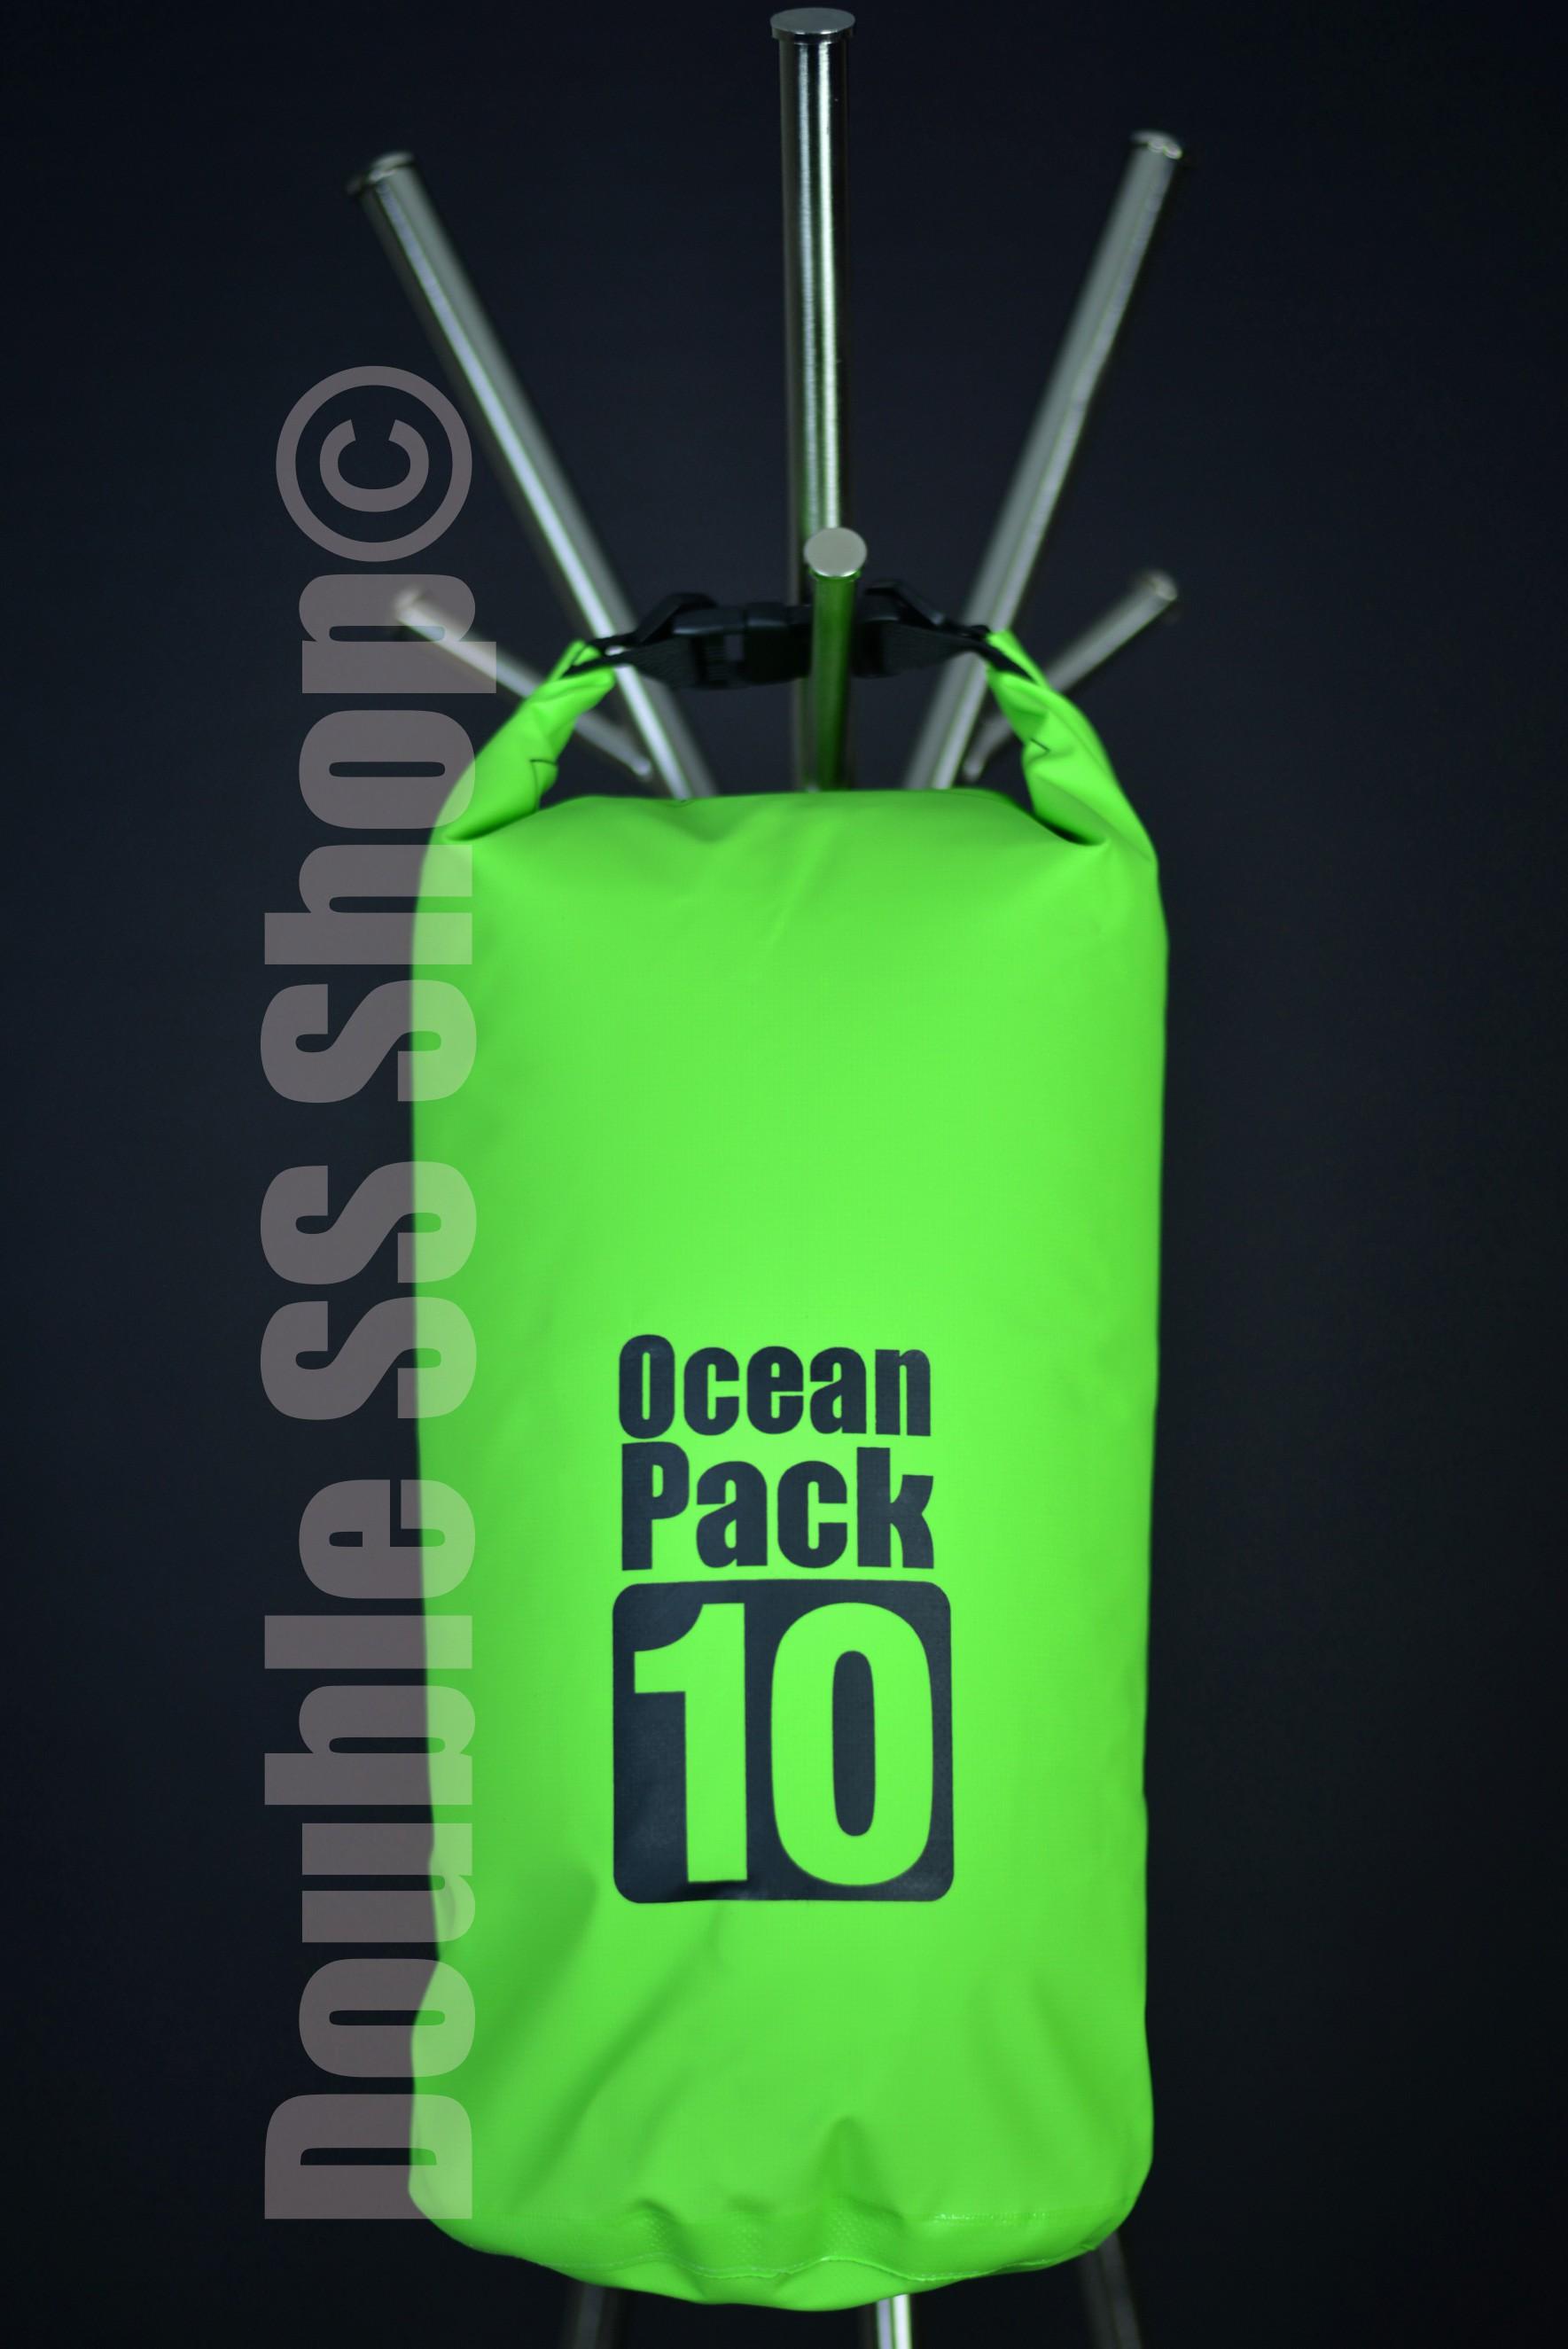 Ocean Pack Water proof bag 10L. กระเป๋ากันน้ำ 10ลิตร